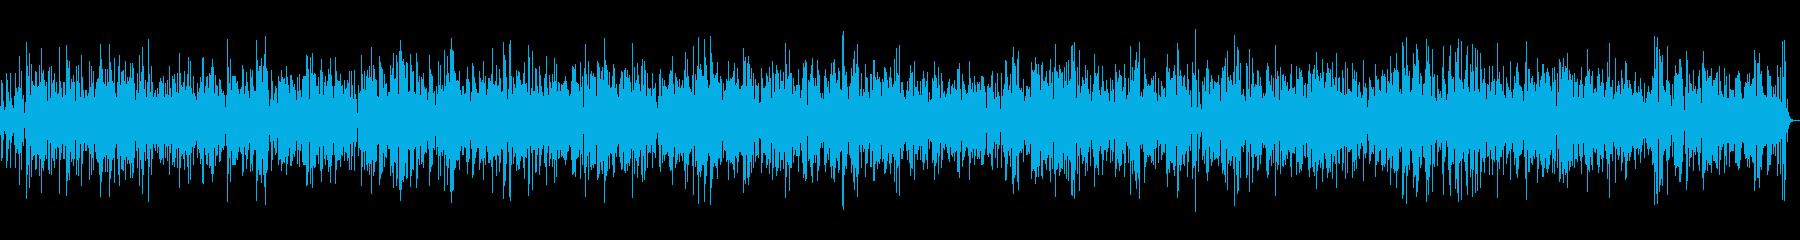 お洒落なカフェで流れるピアノBGMの再生済みの波形